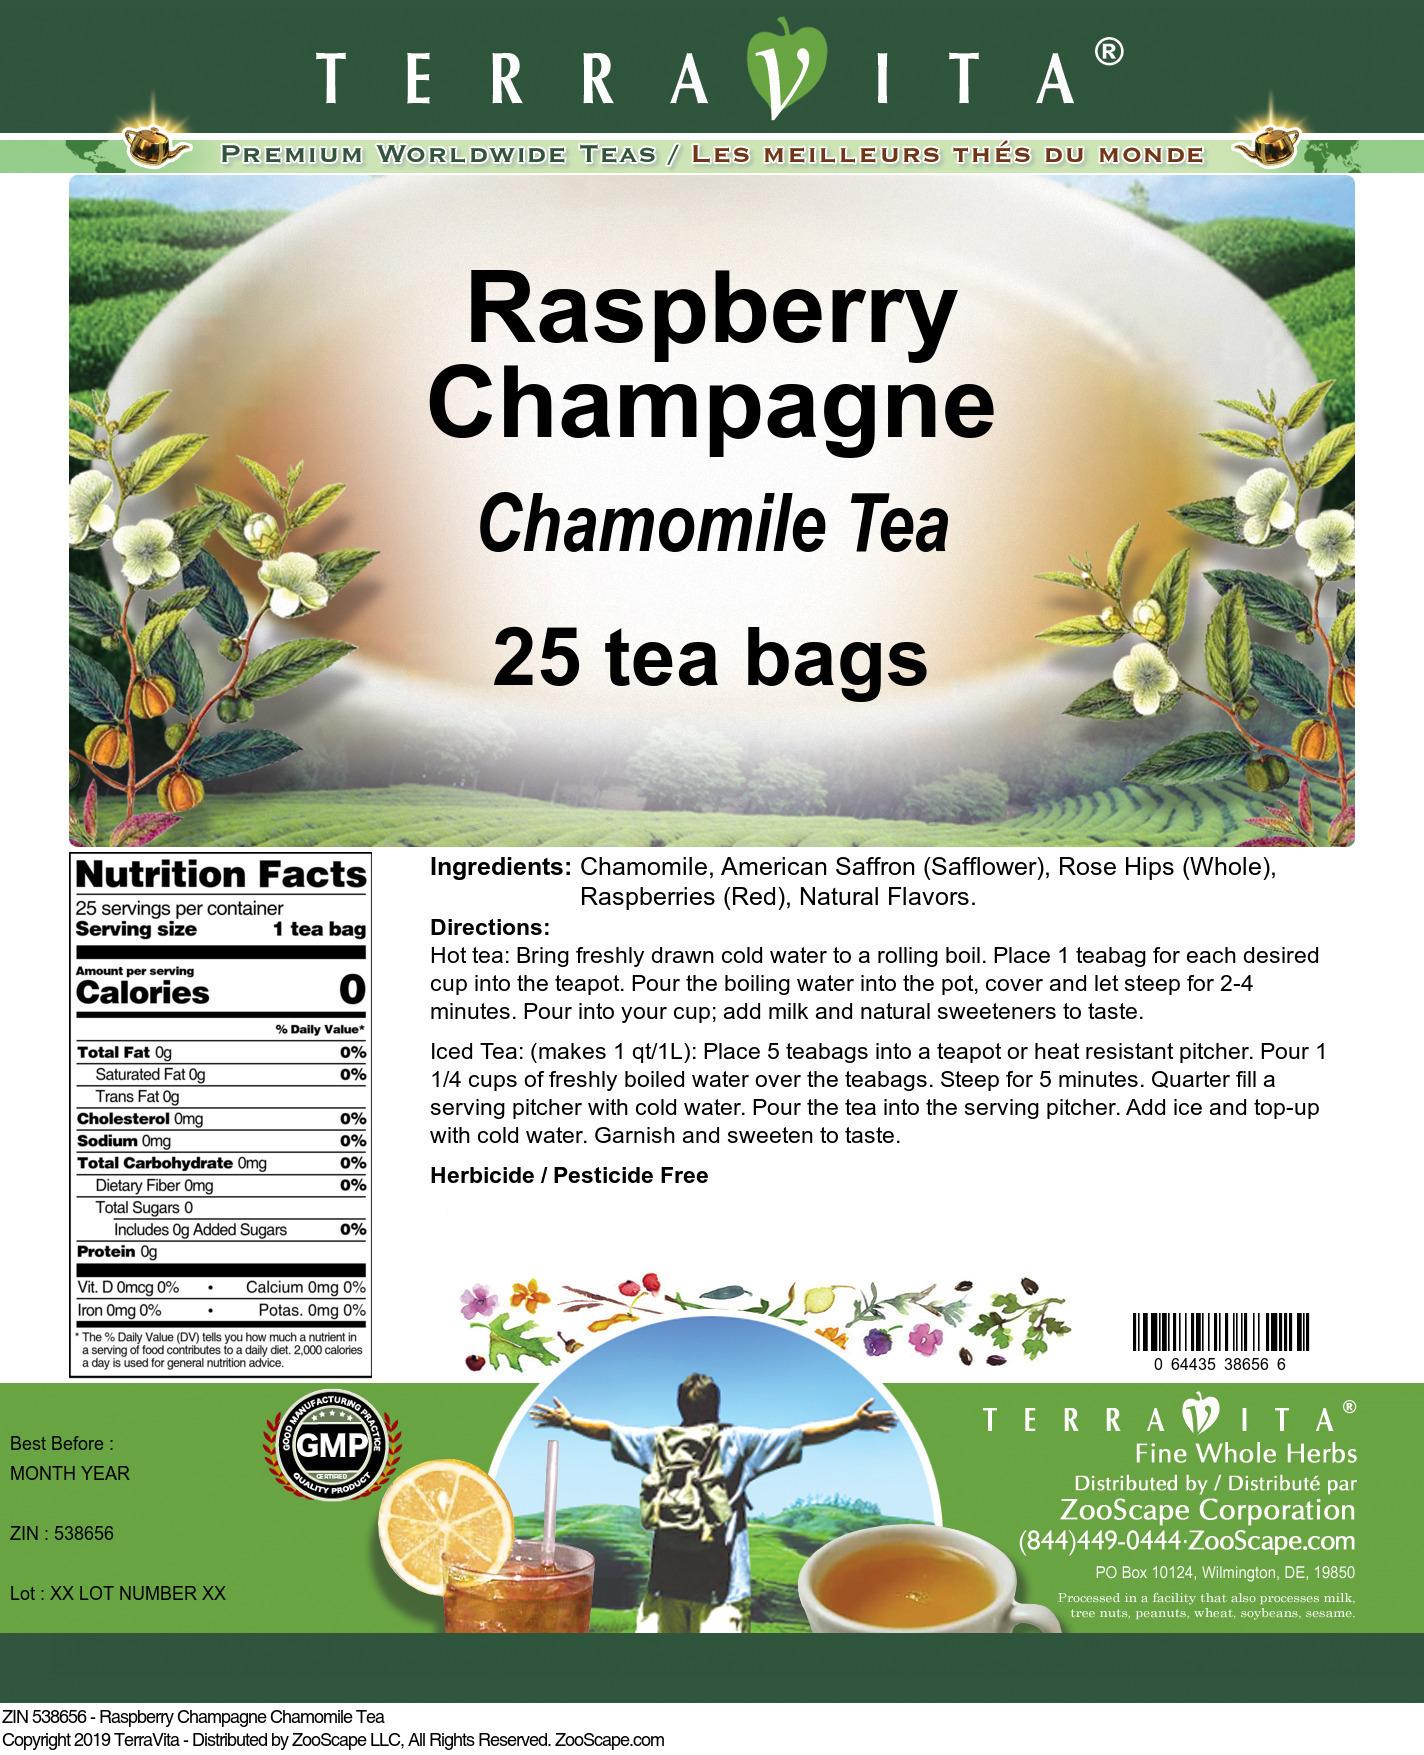 Raspberry Champagne Chamomile Tea